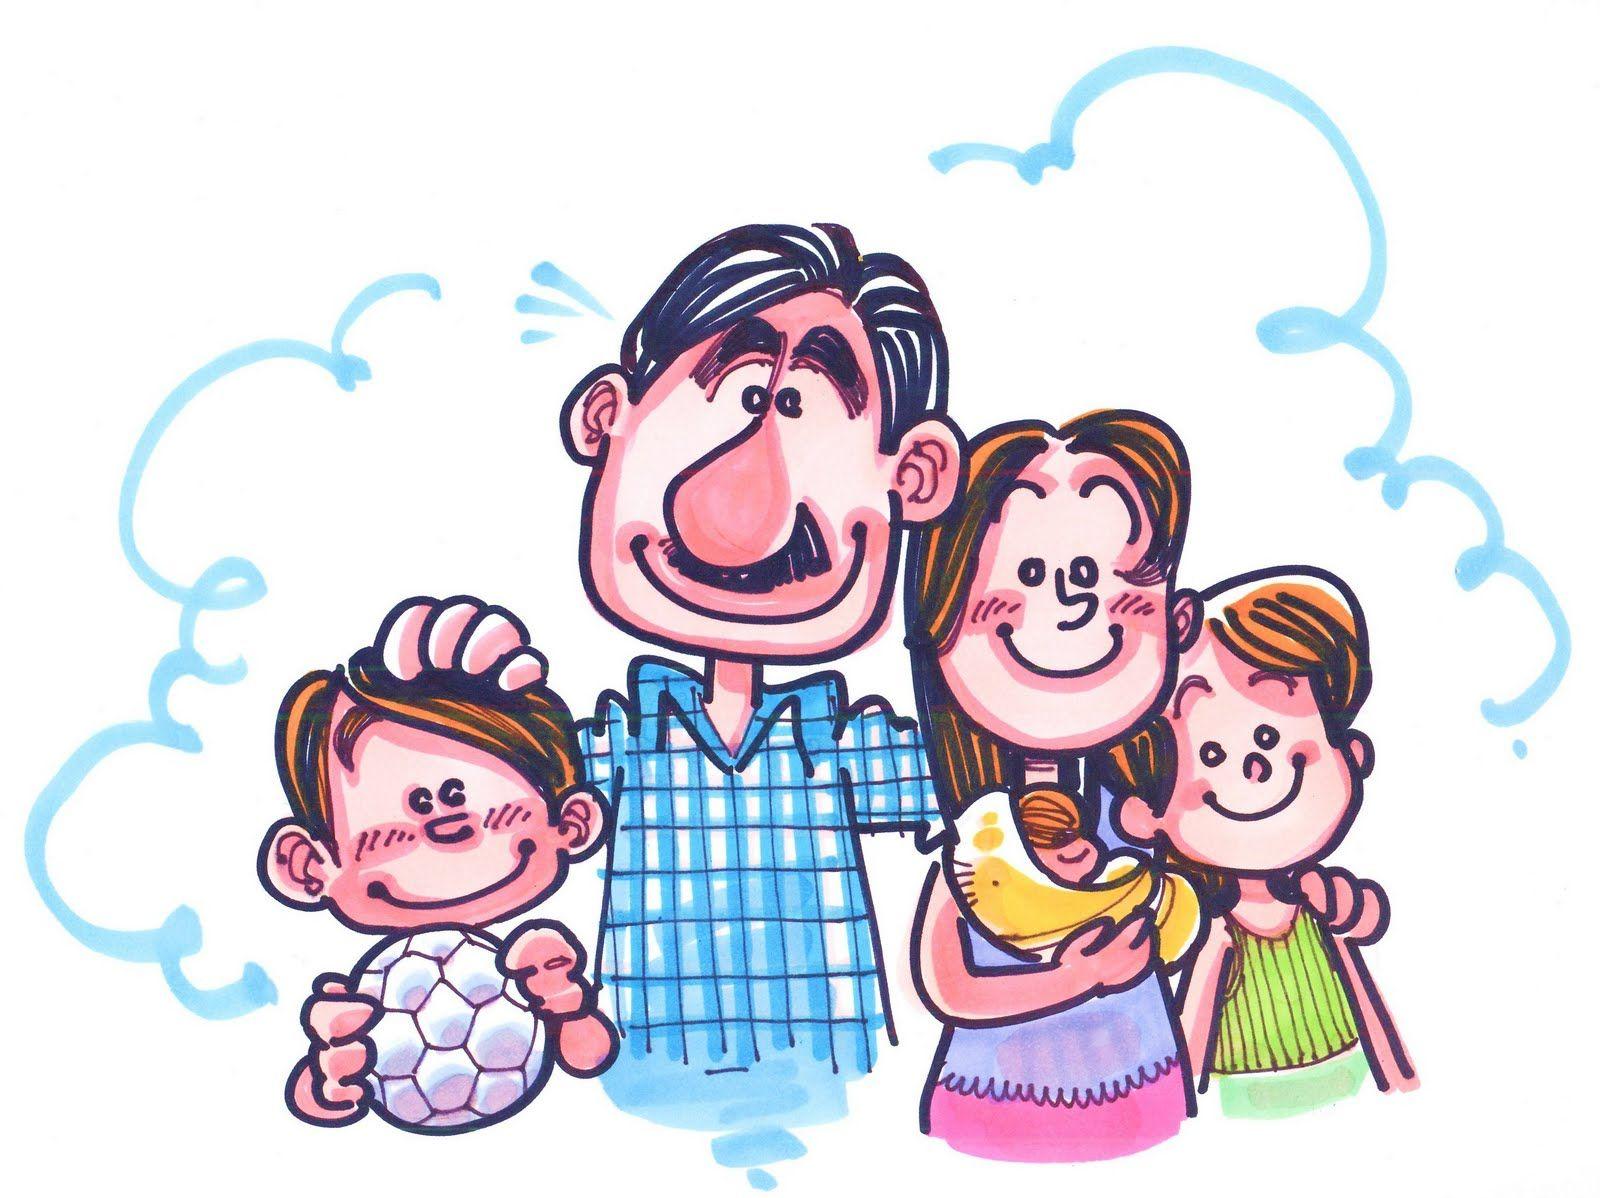 Dibujo De Una Familia Típica. Marido, Mujer E Hijos